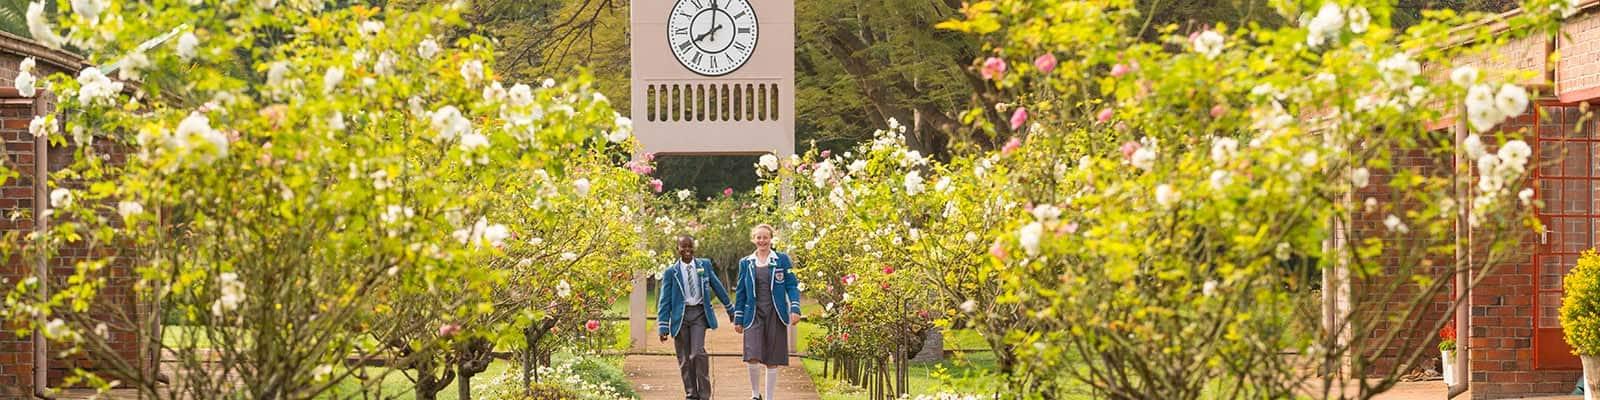 School Highlights Gateway